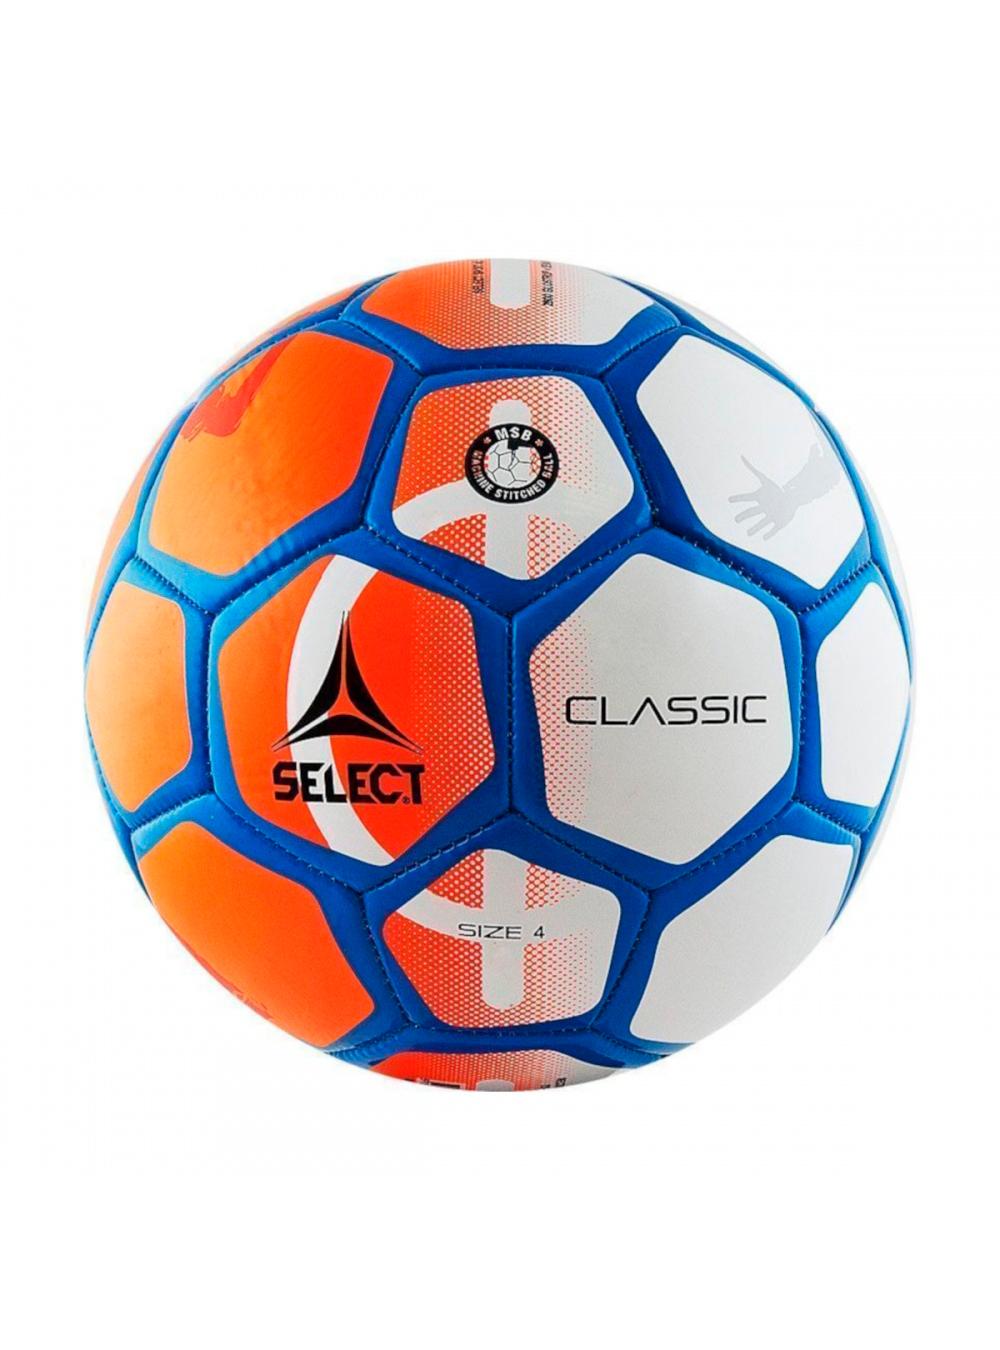 Мяч футбольный оранжевый/белый, размер 4.(SELEKT CLASSIC)